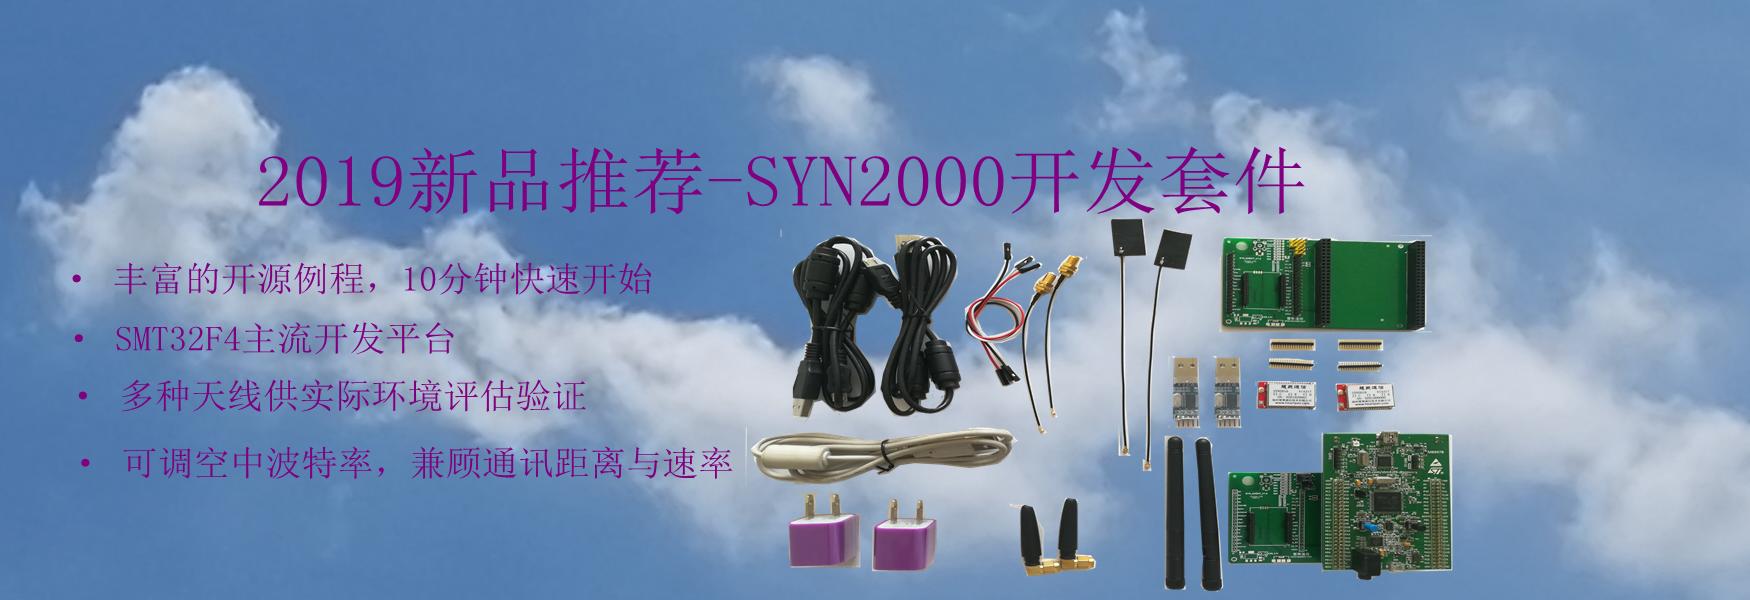 广告-SYN2000开发套件